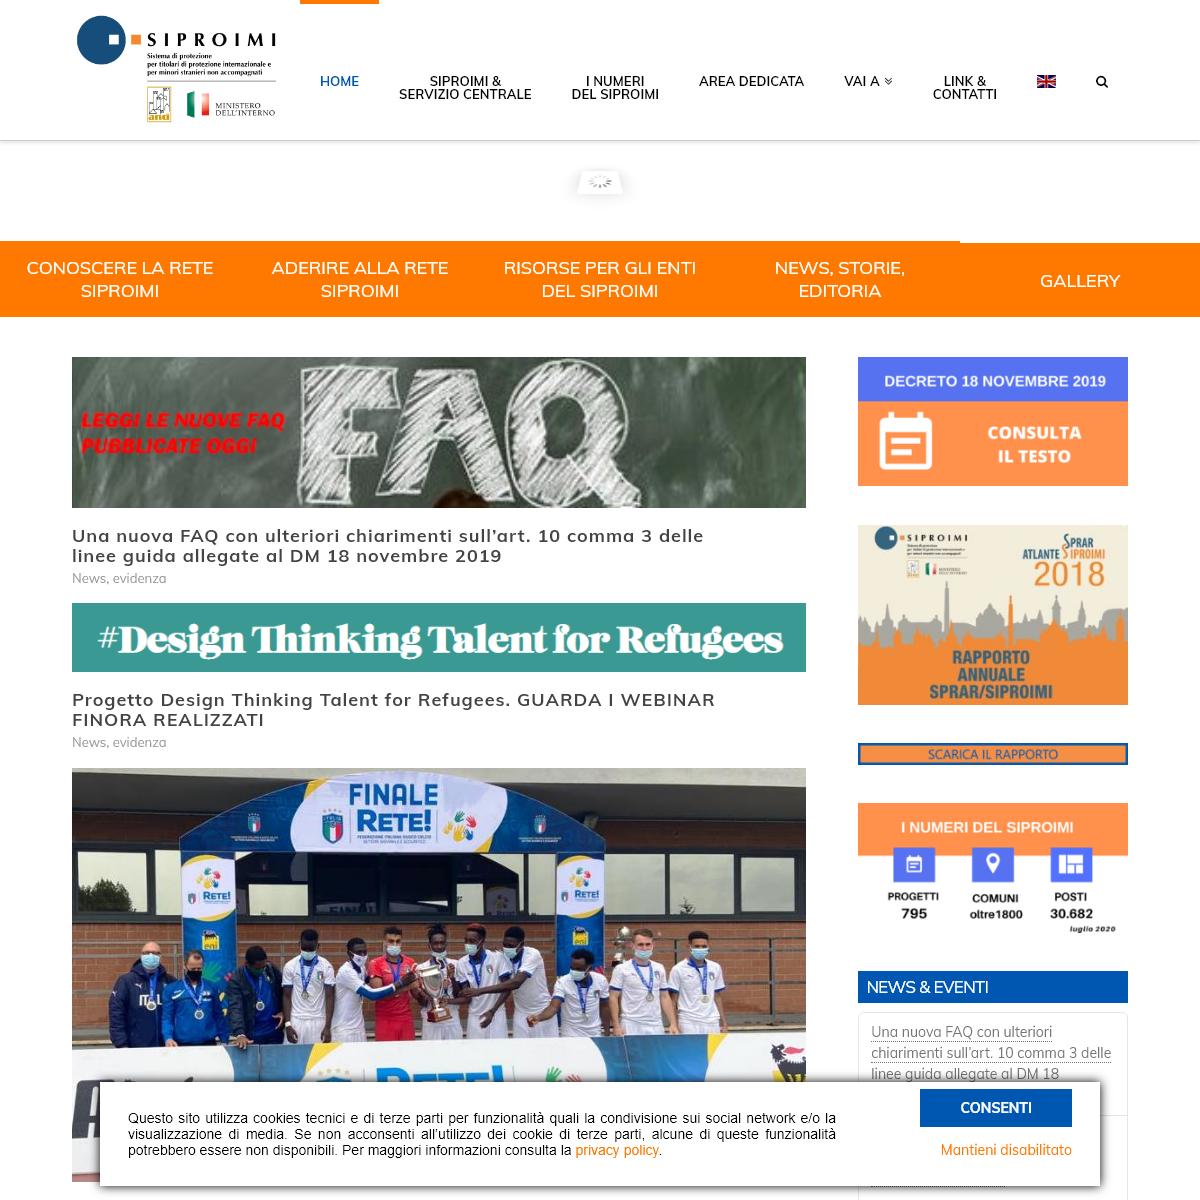 SIPROIMI - Sistema di protezione per titolari di protezione internazionale e per minori stranieri non accompagnati